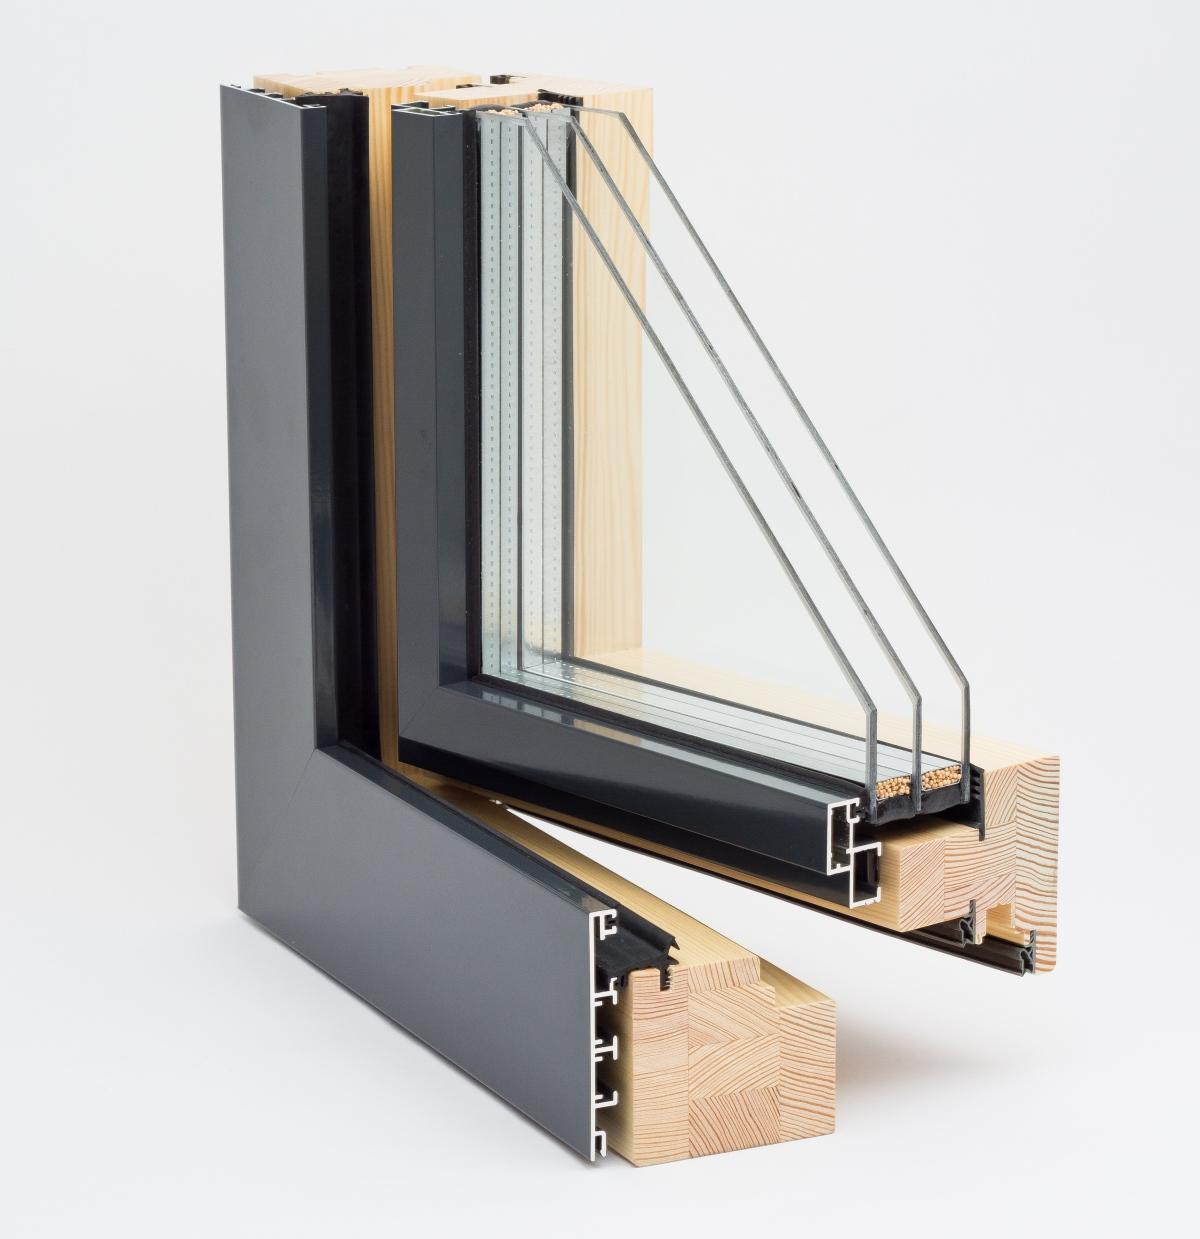 Full Size of Preisunterschied Holz Alu Fenster Kunststofffenster Kostenvergleich Holz Alu Fenster Kunststoff Aluminium Welche Preise Kosten Preis Welches Oder Pvc Rostock Fenster Fenster Holz Alu